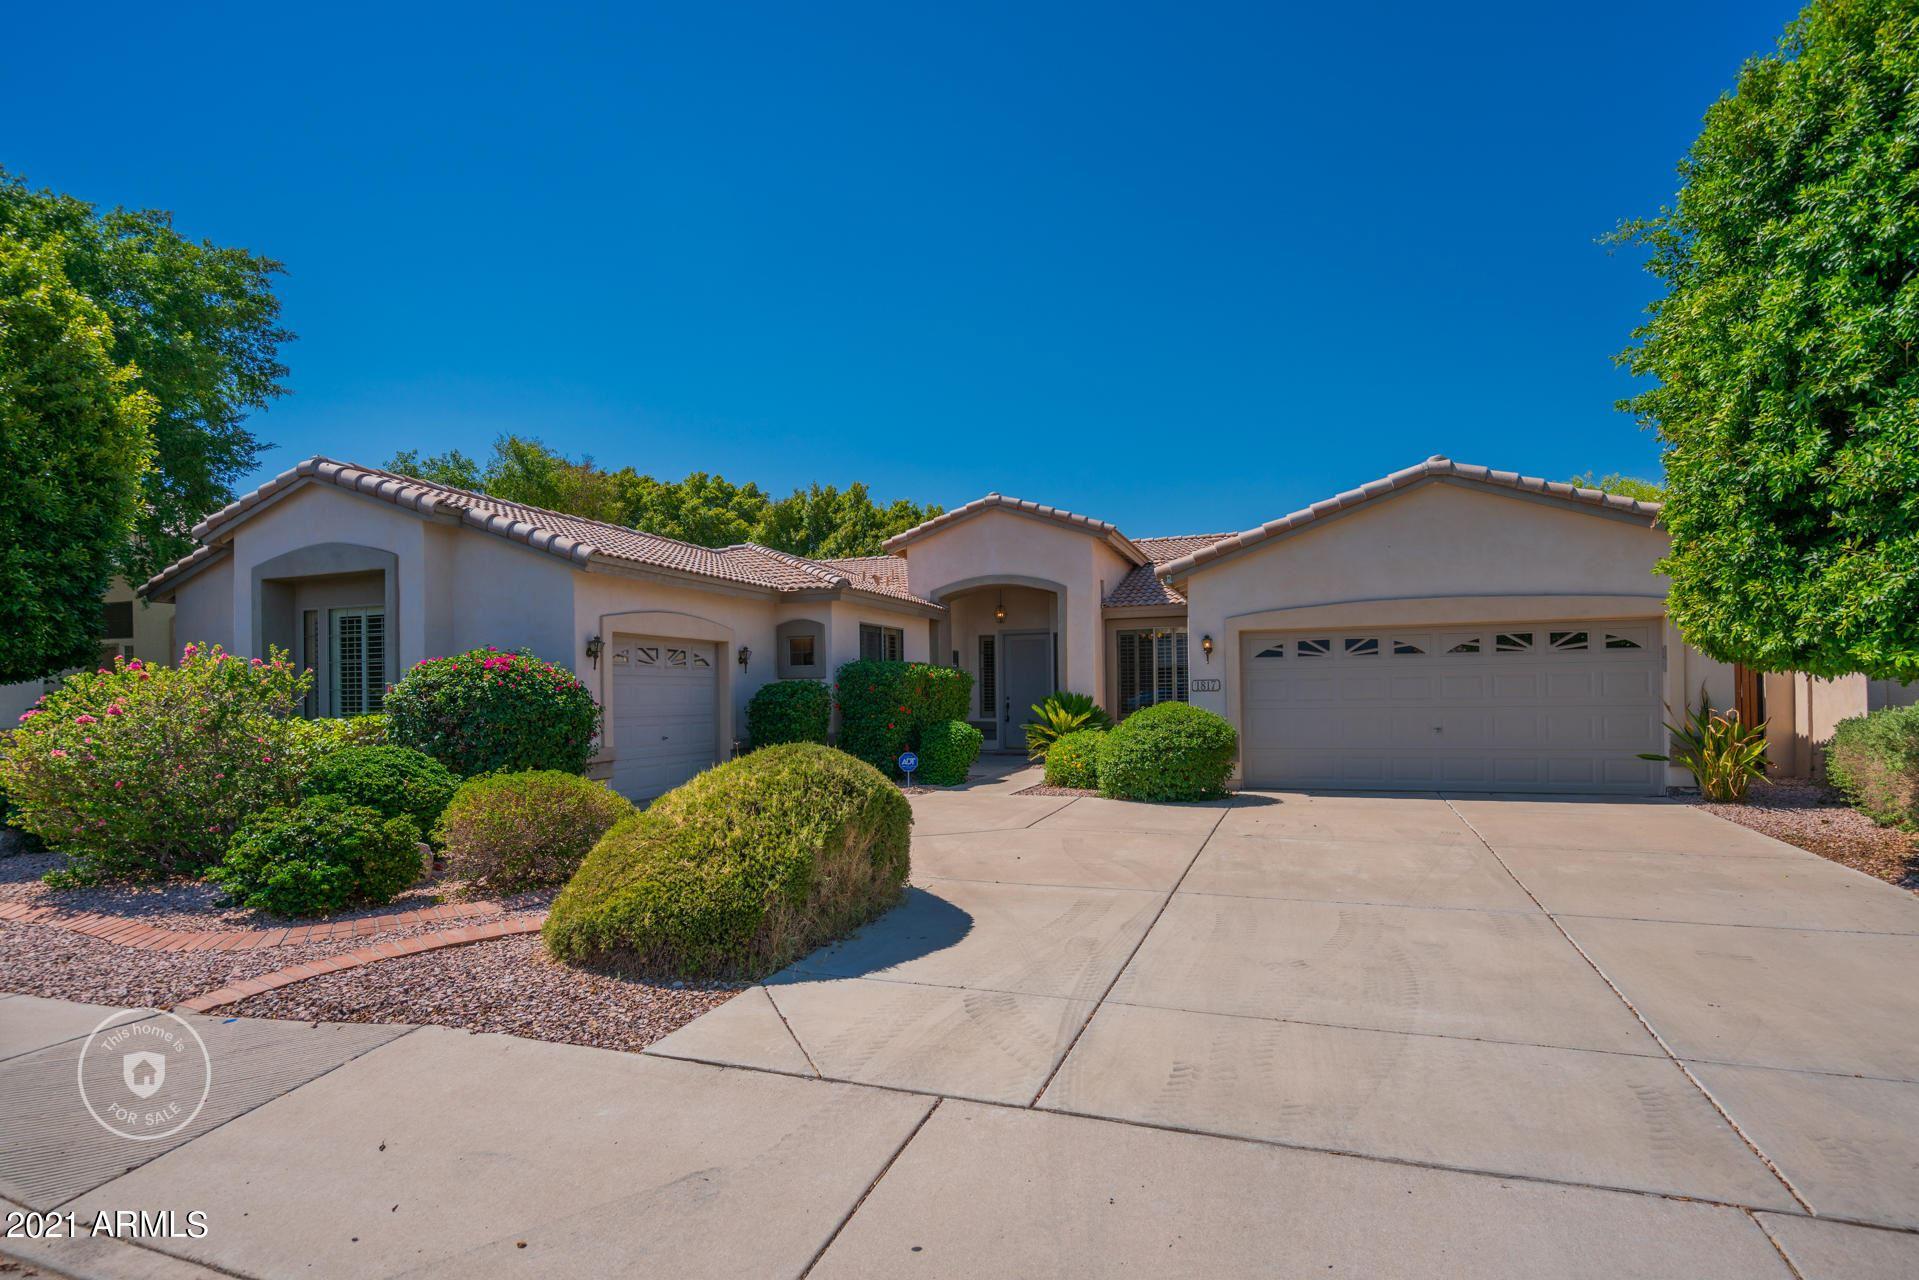 1817 E KENWOOD Street, Mesa, AZ 85203 - MLS#: 6270489